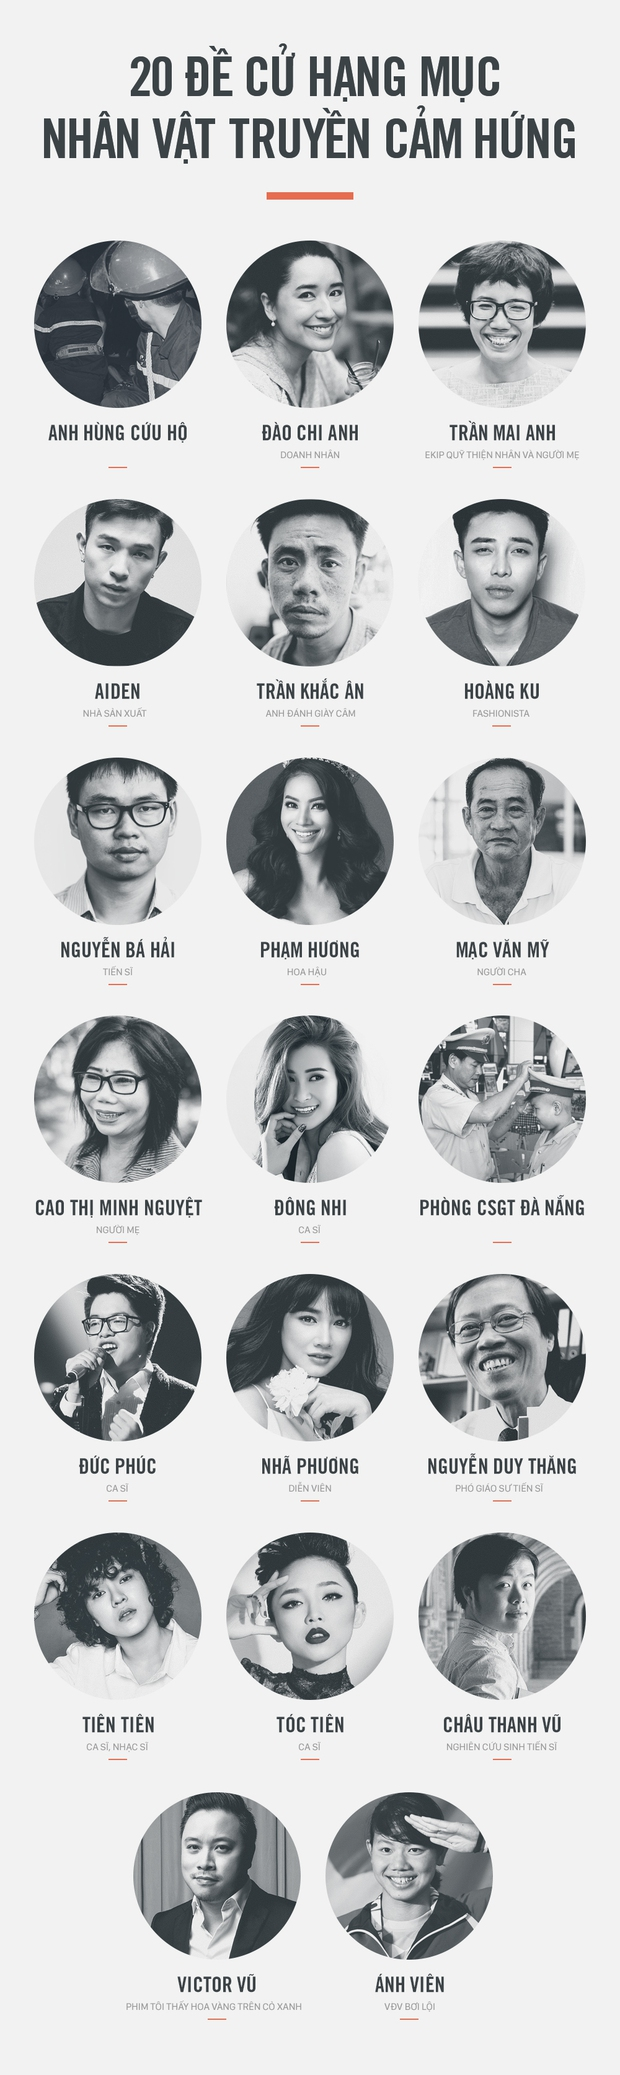 20 đề cử nhân vật truyền cảm hứng của WeChoice Awards 2015, họ là ai? - Ảnh 2.